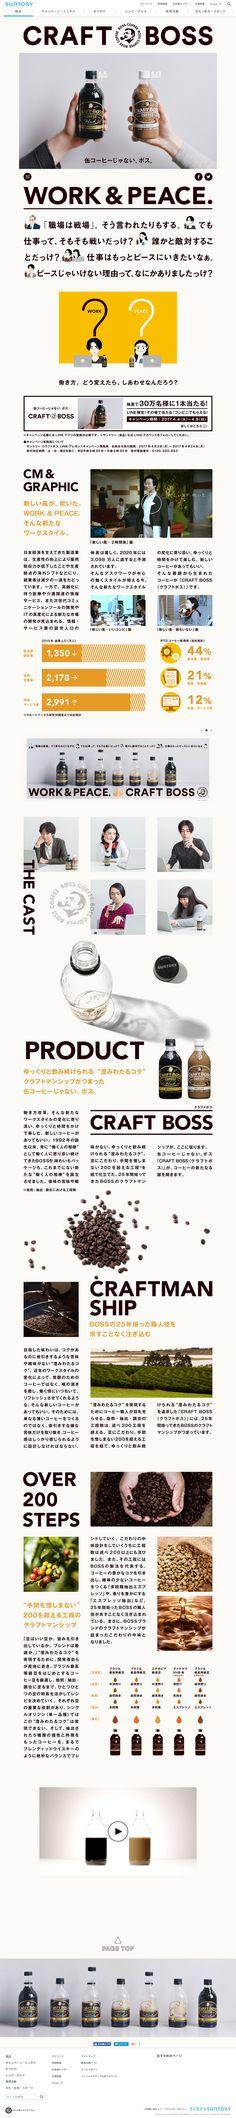 CRAFT BOSS【飲料・お酒関連】のLPデザイン。WEBデザイナーさん必見!ランディングページのデザイン参考に(シンプル系)